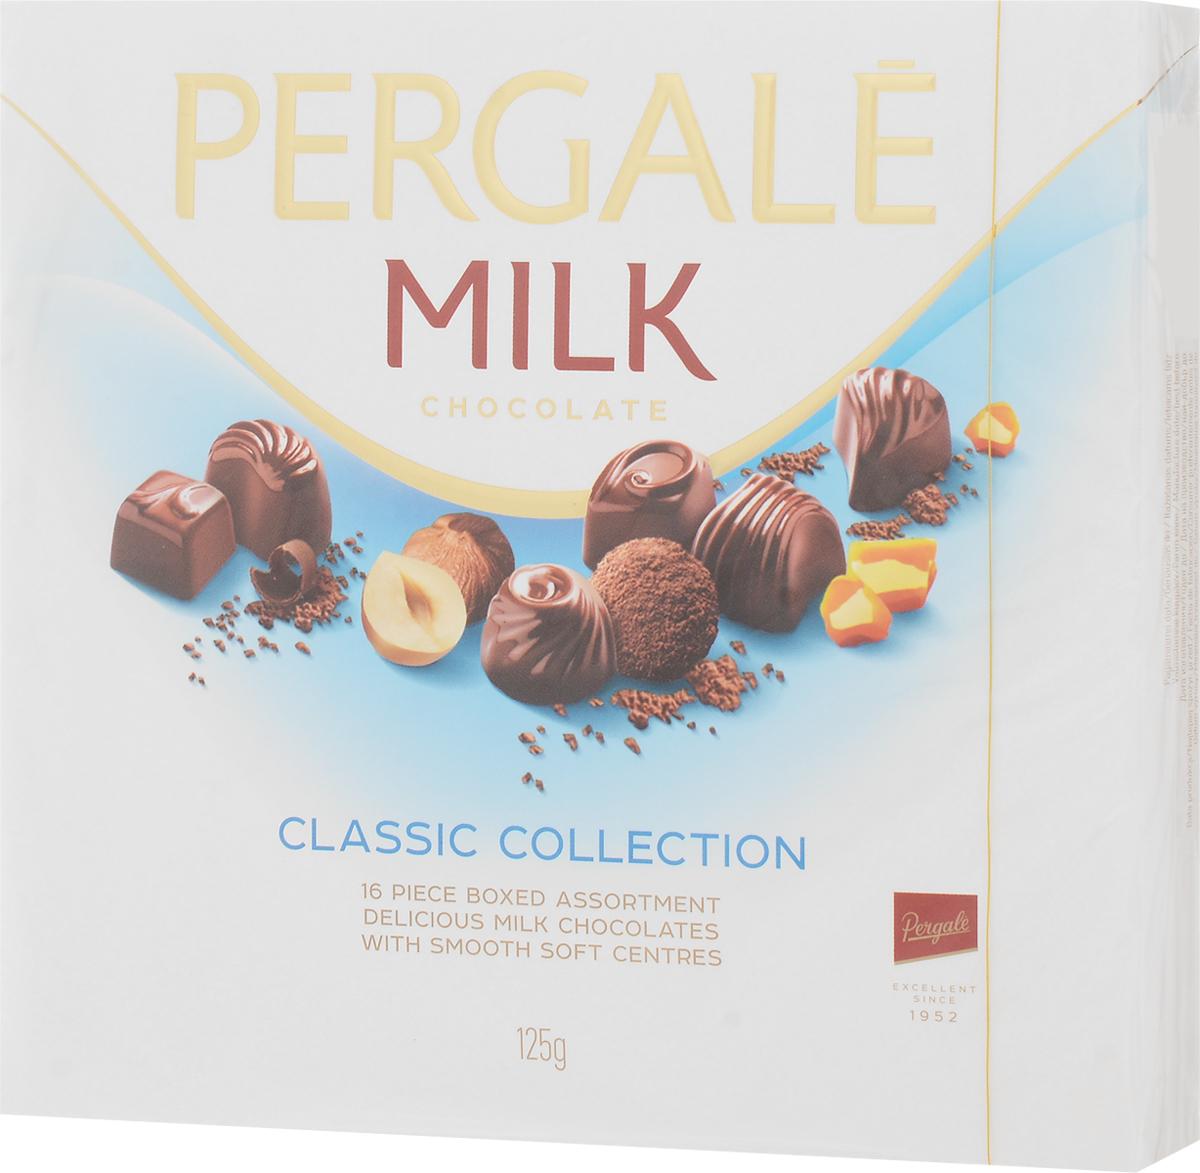 Pergale Набор конфет из молочного шоколада ассорти, 125 г10648Лидирующая фабрика стран Балтии, кондитерские изделия которой славятся своим качеством и оригинальными рецептами вот уже более 60 лет. Внутри элегантной упаковки находятся шоколадные конфеты с различными нежными начинками, которые позволят насладиться невероятным вкусом конфет.Уважаемые клиенты! Обращаем ваше внимание, что полный перечень состава продукта представлен на дополнительном изображении.